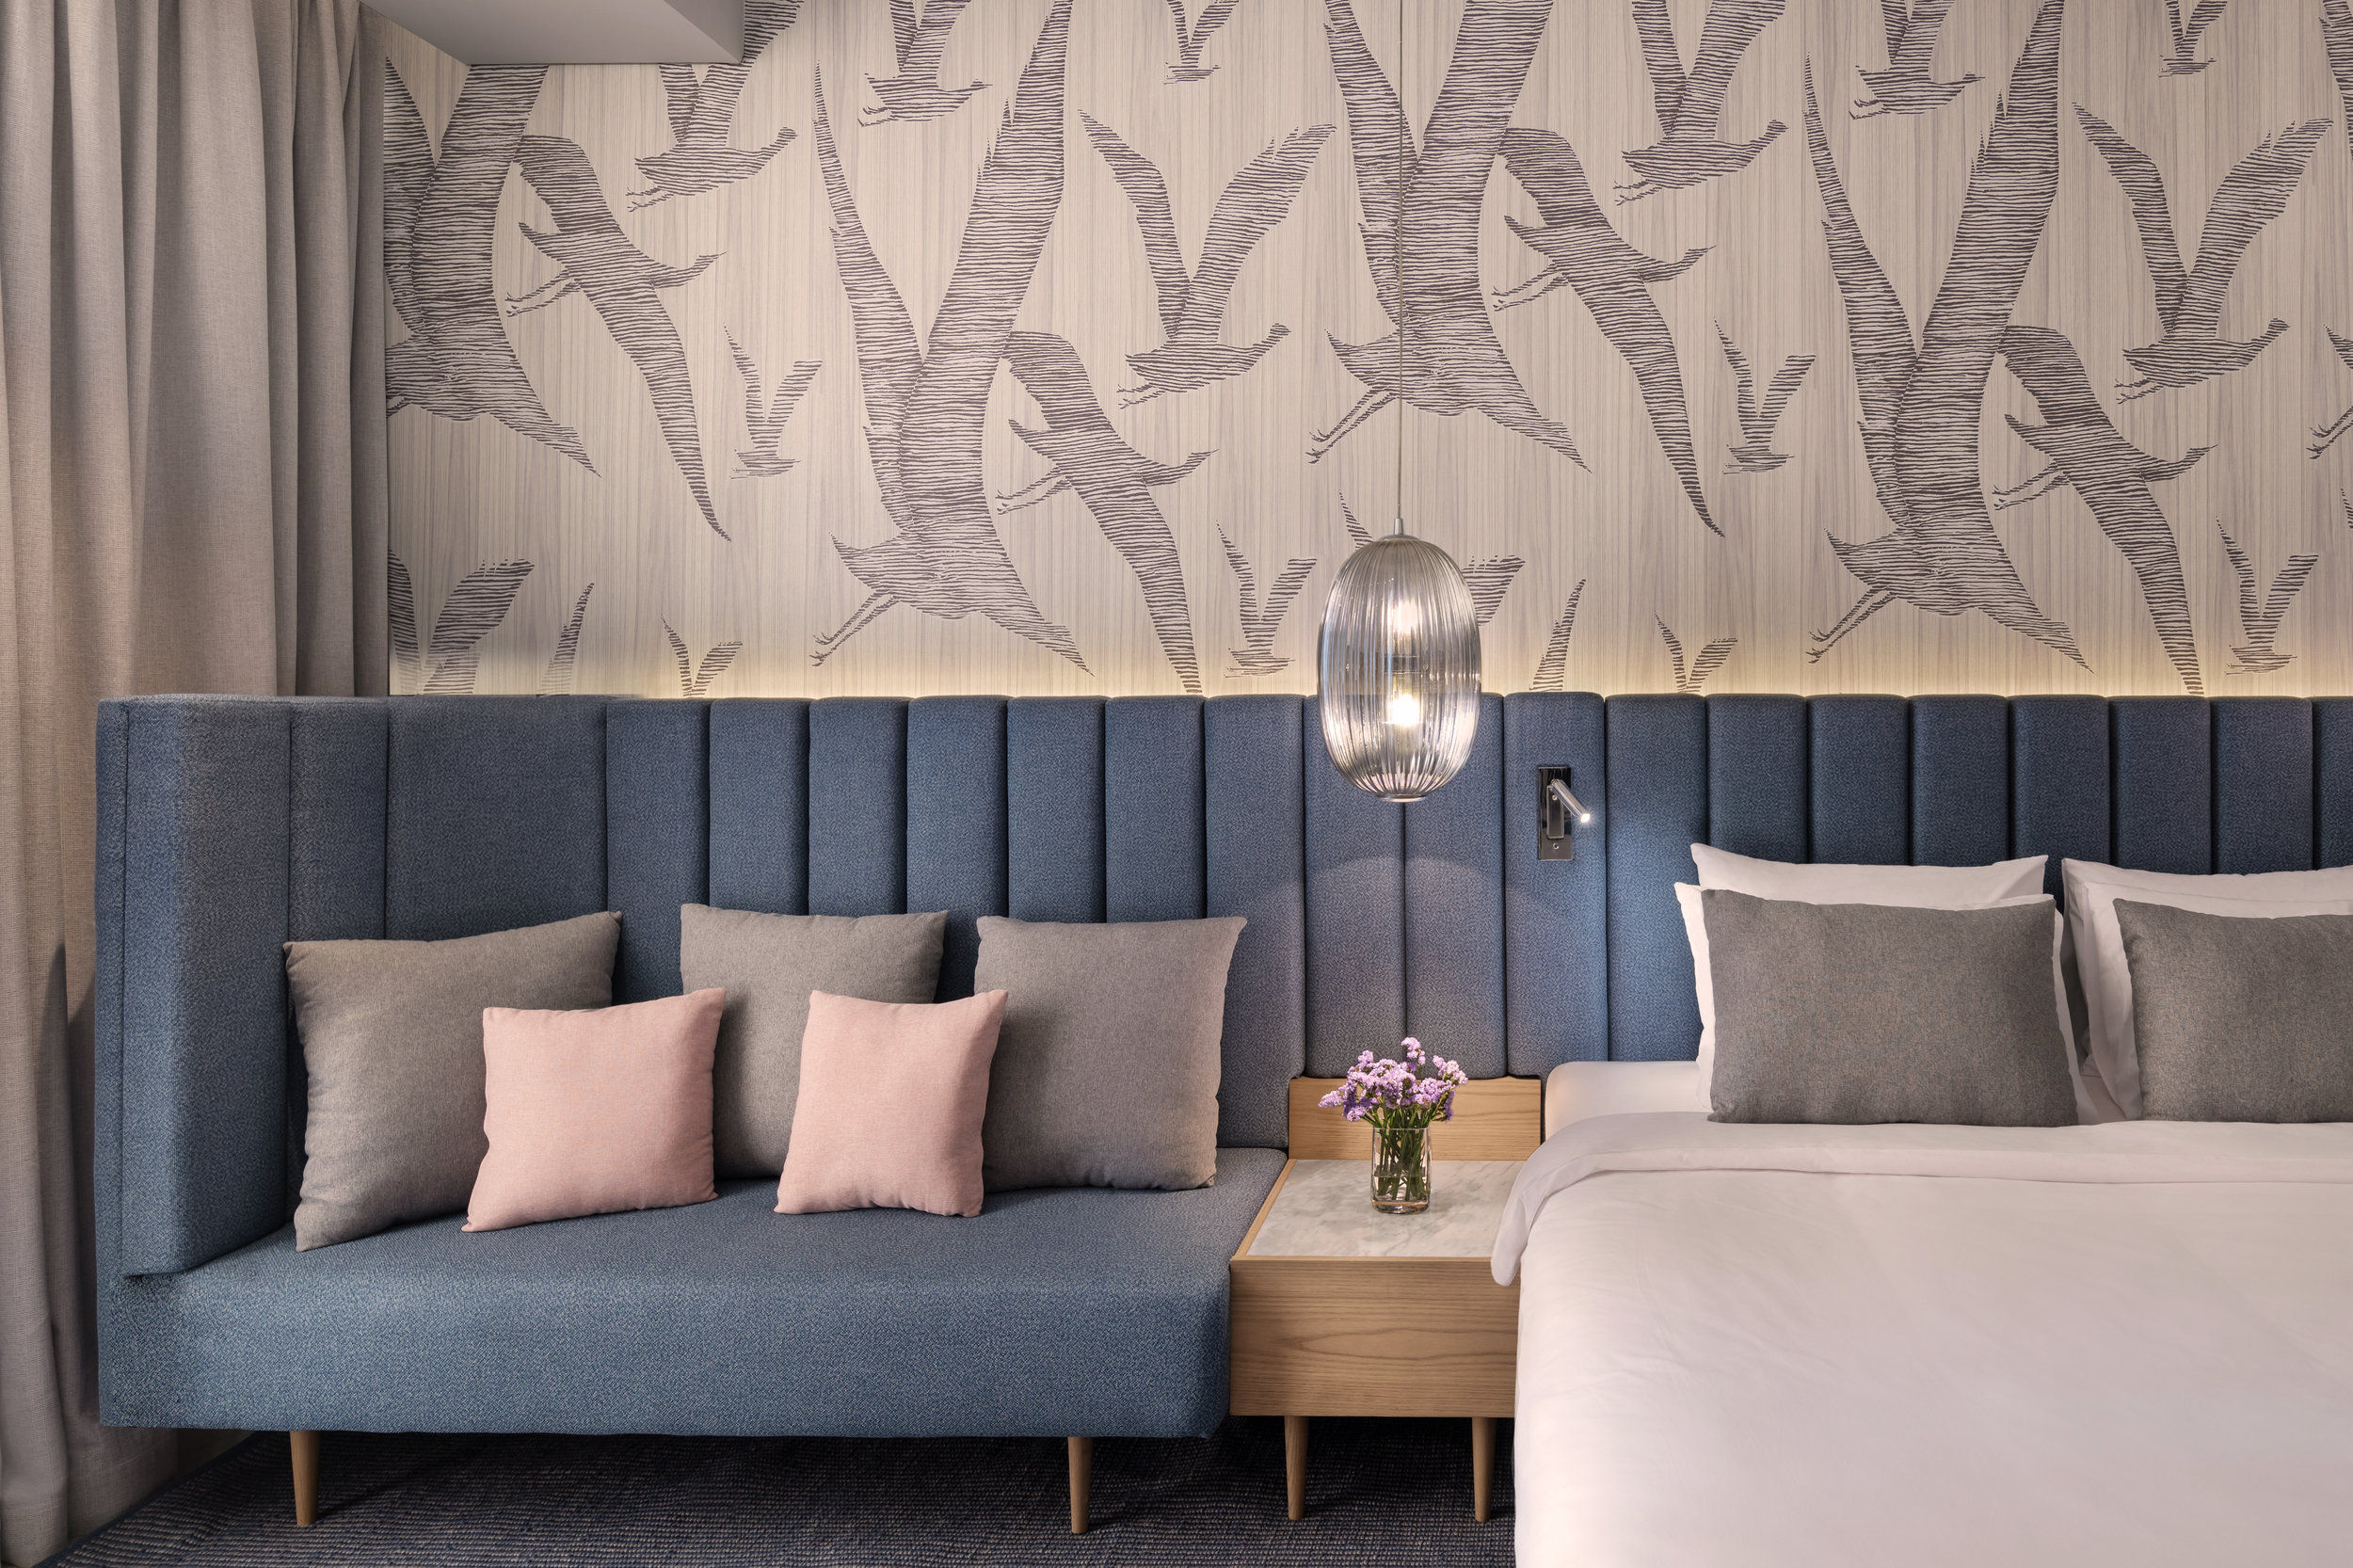 LFDS - Novotel Resort Guestroom 1.jpg